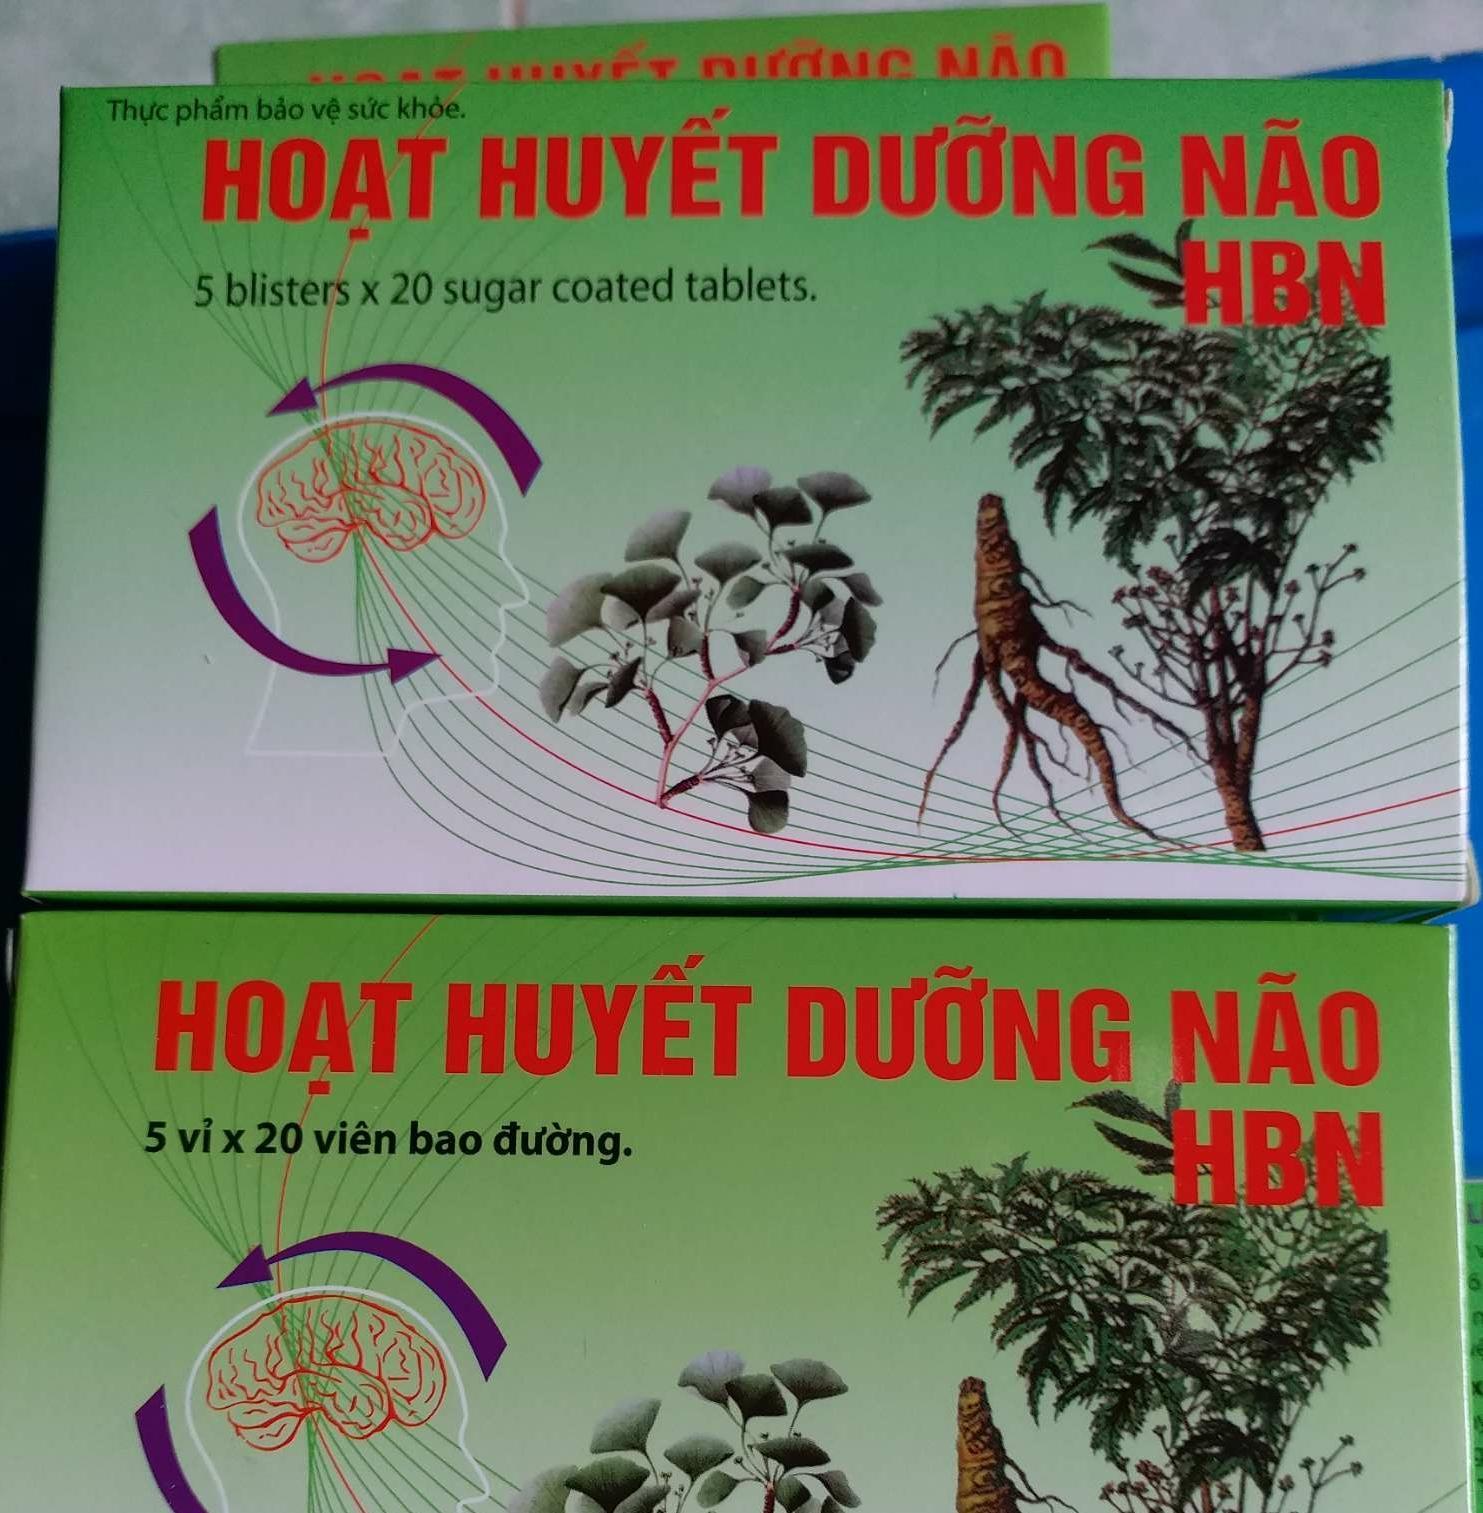 Hoạt Huyết Dưỡng Não Hbn Hộp 100v By Duocpham_usapharma.